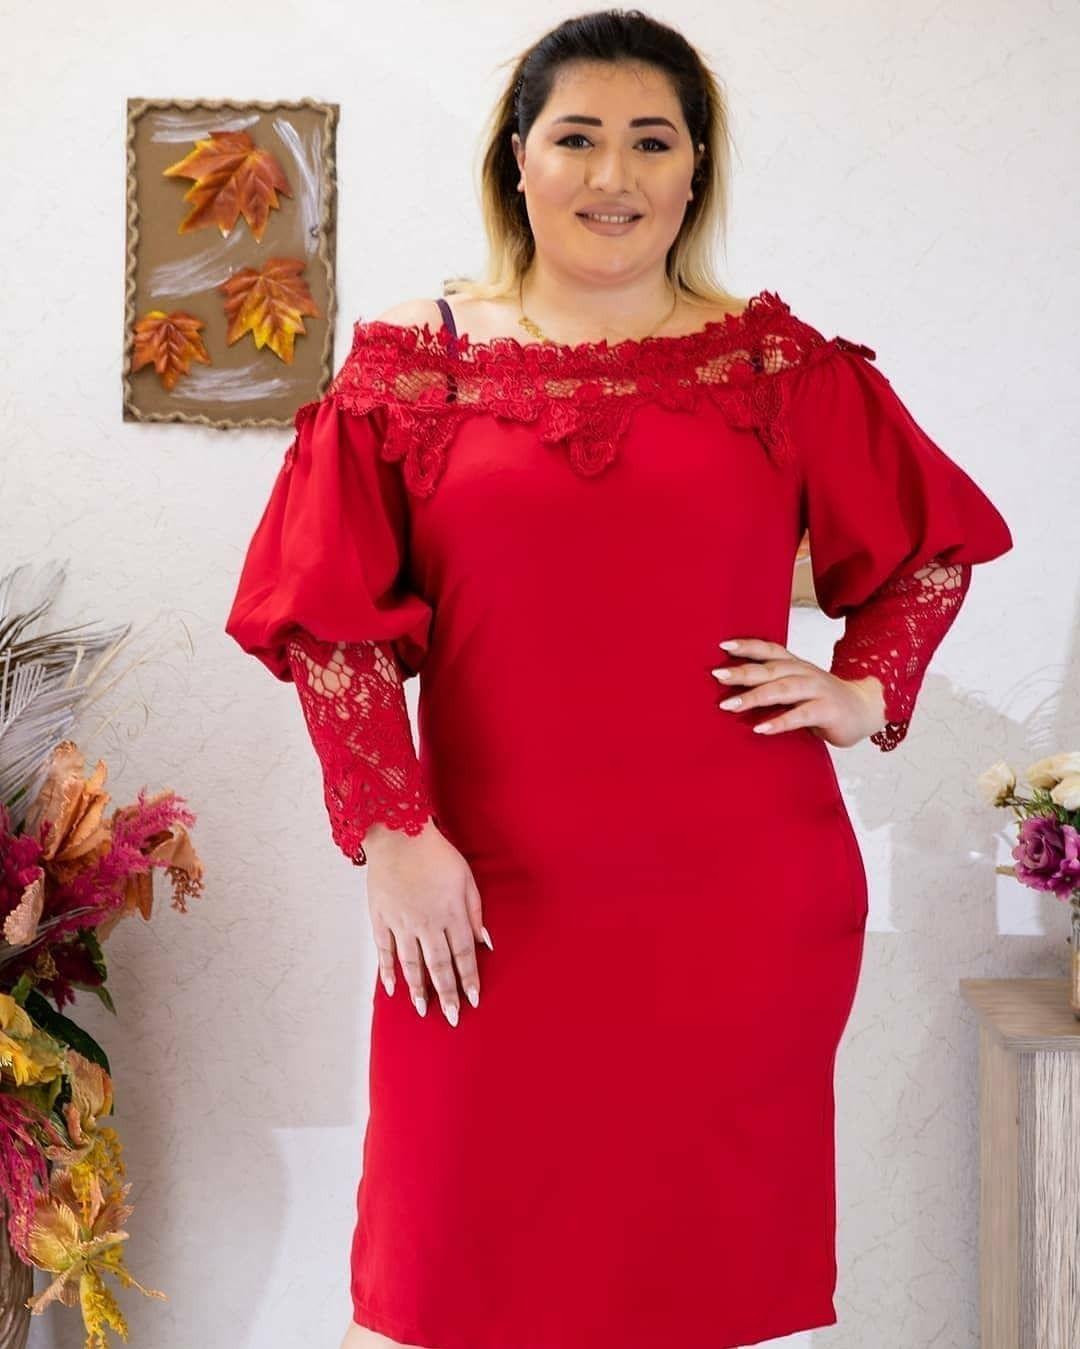 Sisman Qadin Geyimləri Paltar Uslublari Son 2021 Yeni Trend Trendləri In 2021 Fashion Dresses Cold Shoulder Dress